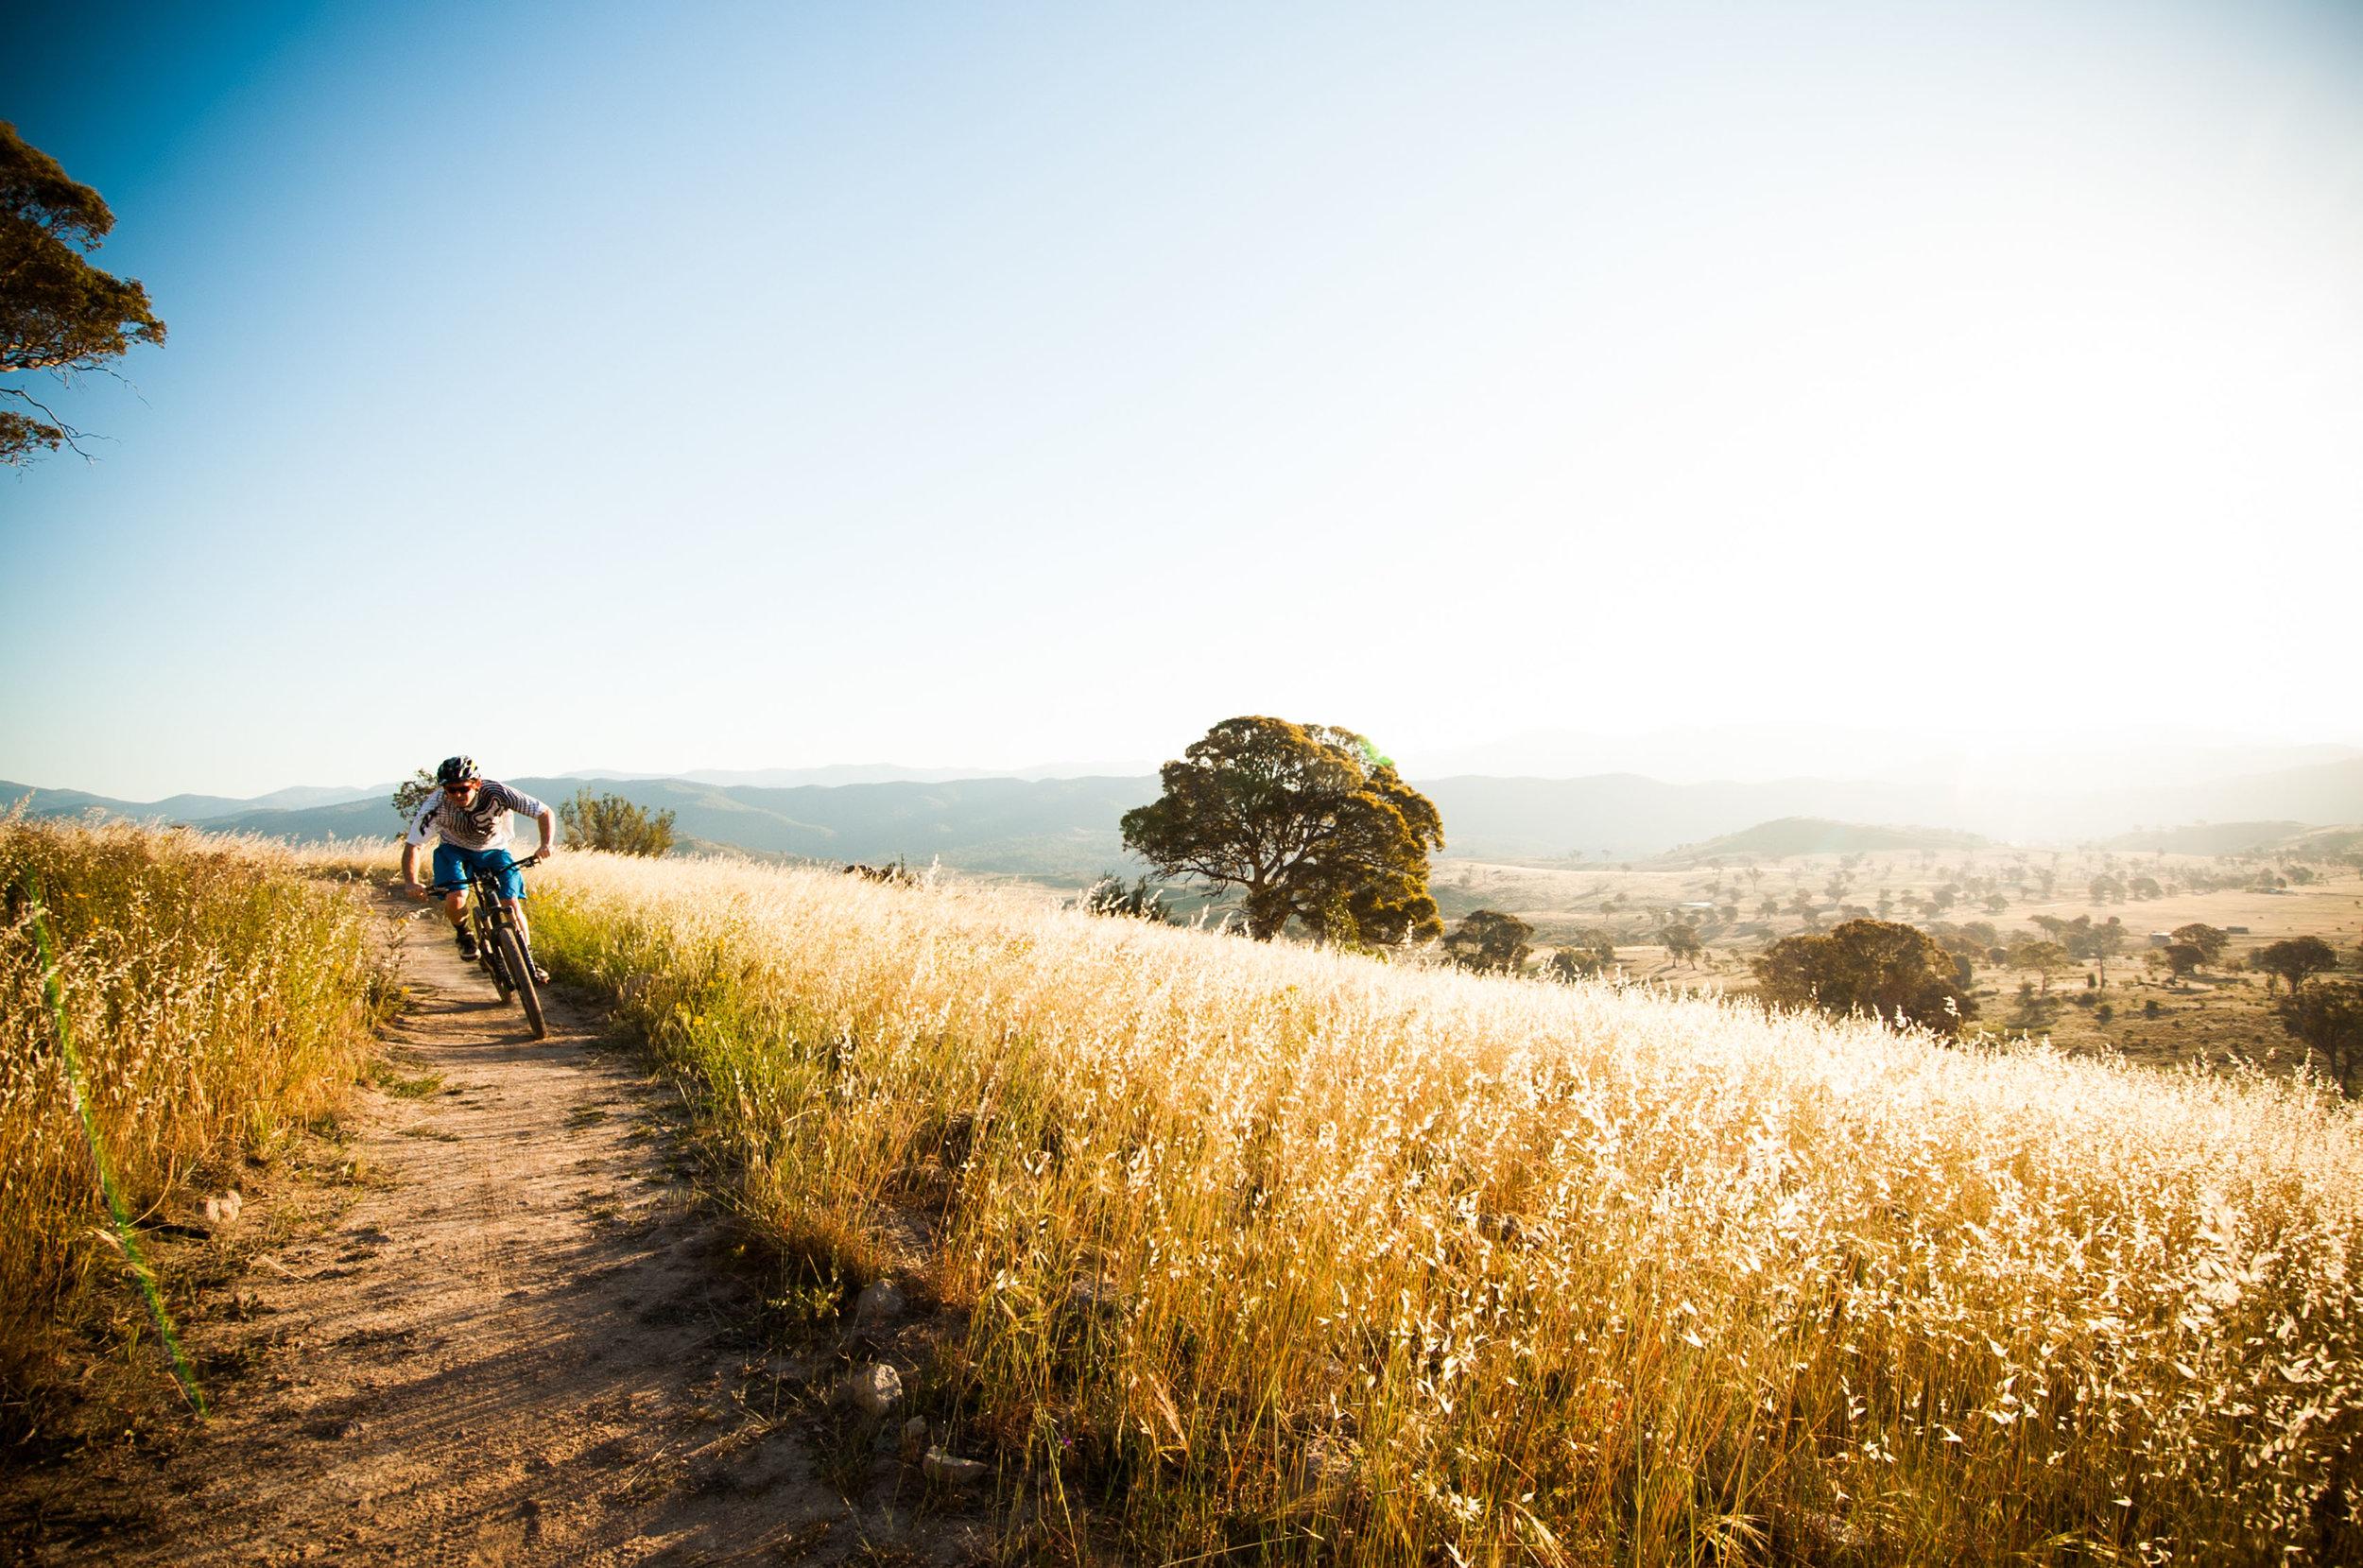 Countryside Bike.jpeg